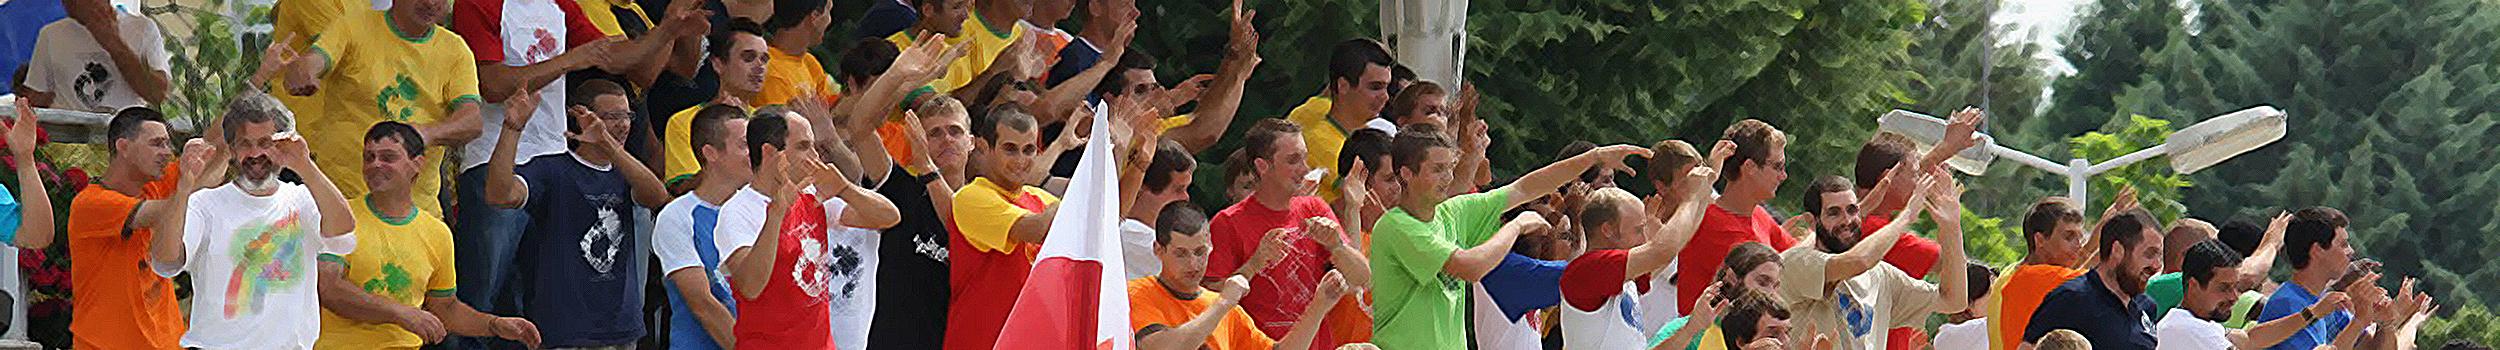 Skupnost Cenacolo v Sloveniji